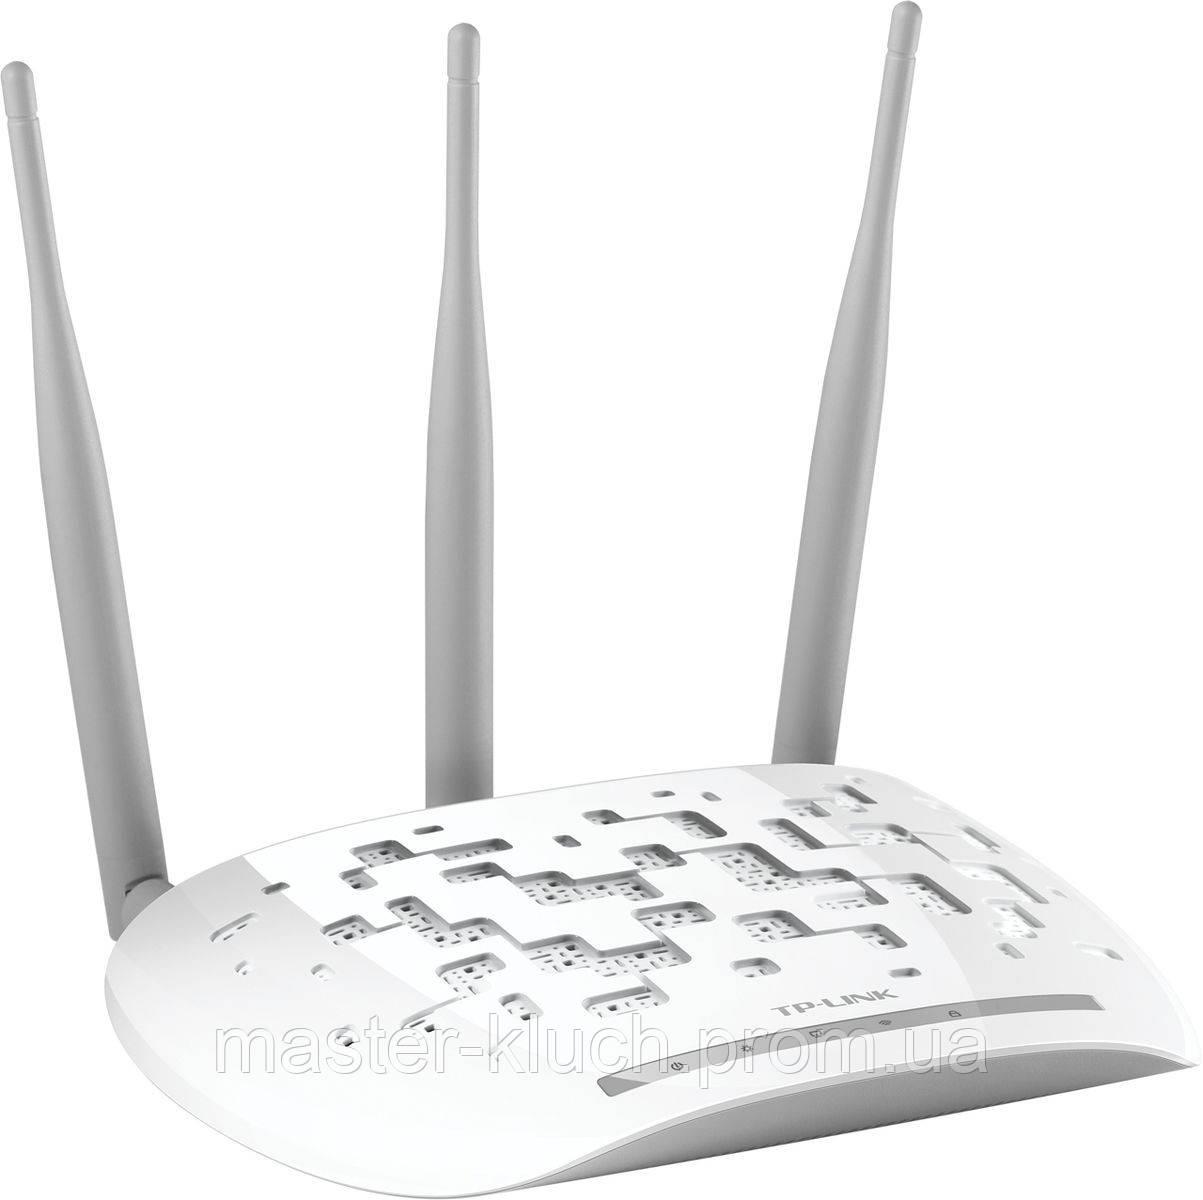 Точка доступа TP-LINK TL-WA901ND Wi-Fi 802.11g/n 300Mb, PoE, 3 антенны - Мастер-ключ в Запорожье